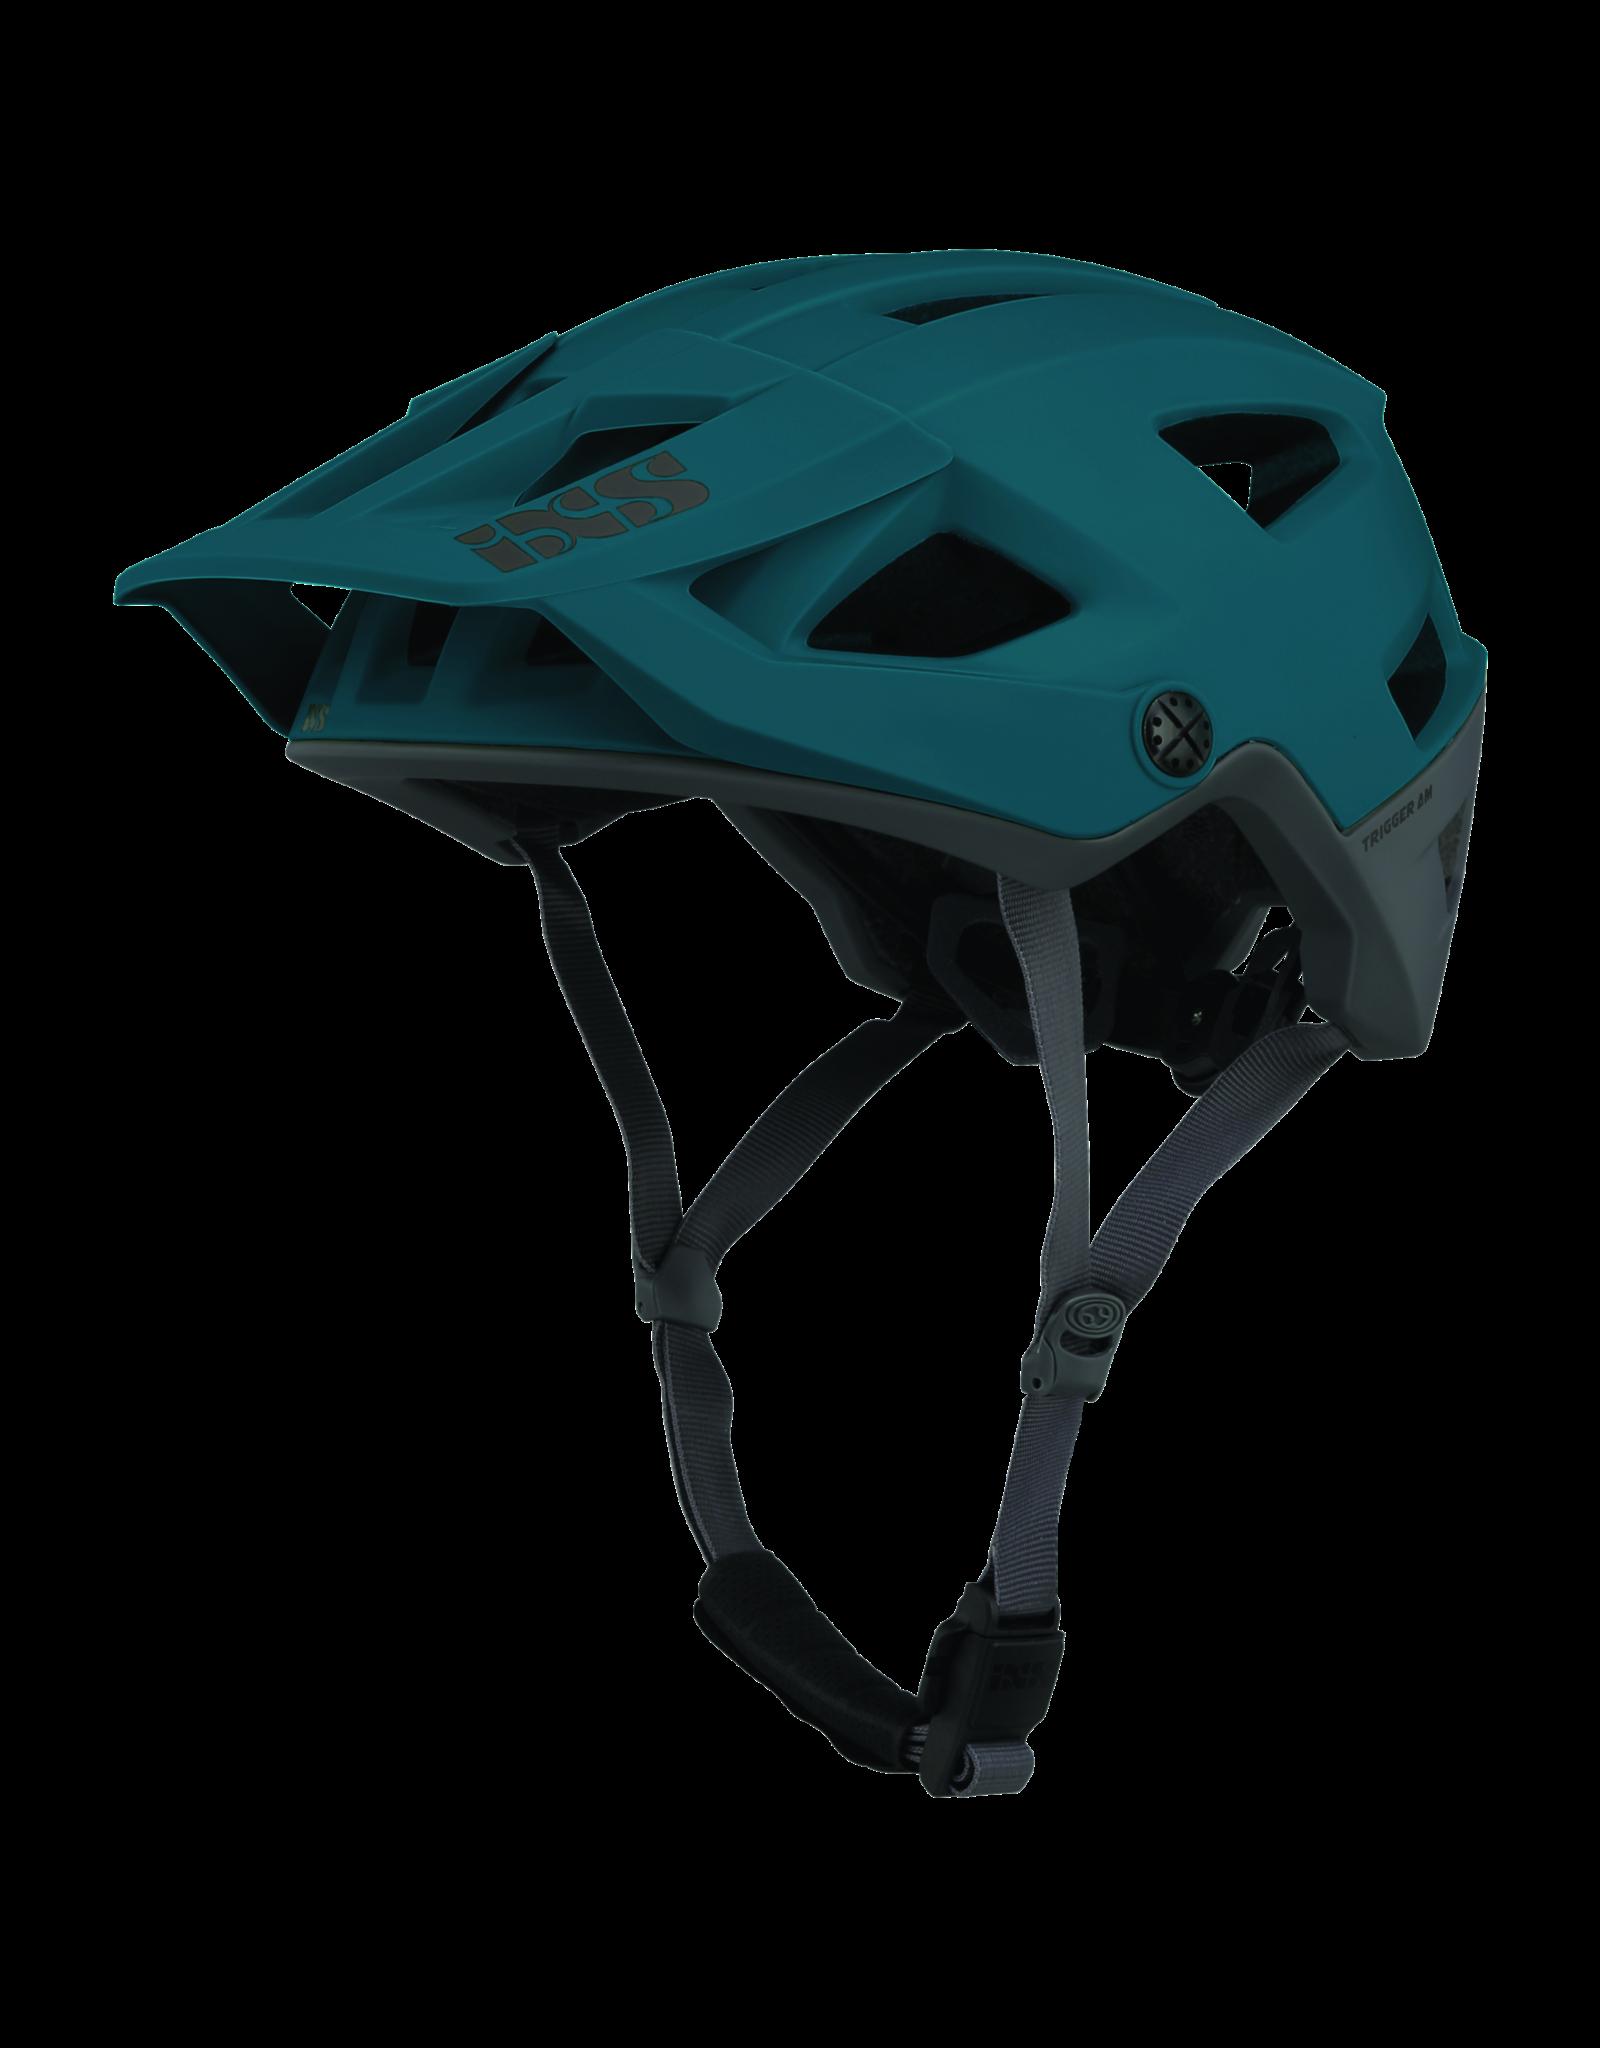 IXS IXS - Trigger AM Helmet Everglade M/L